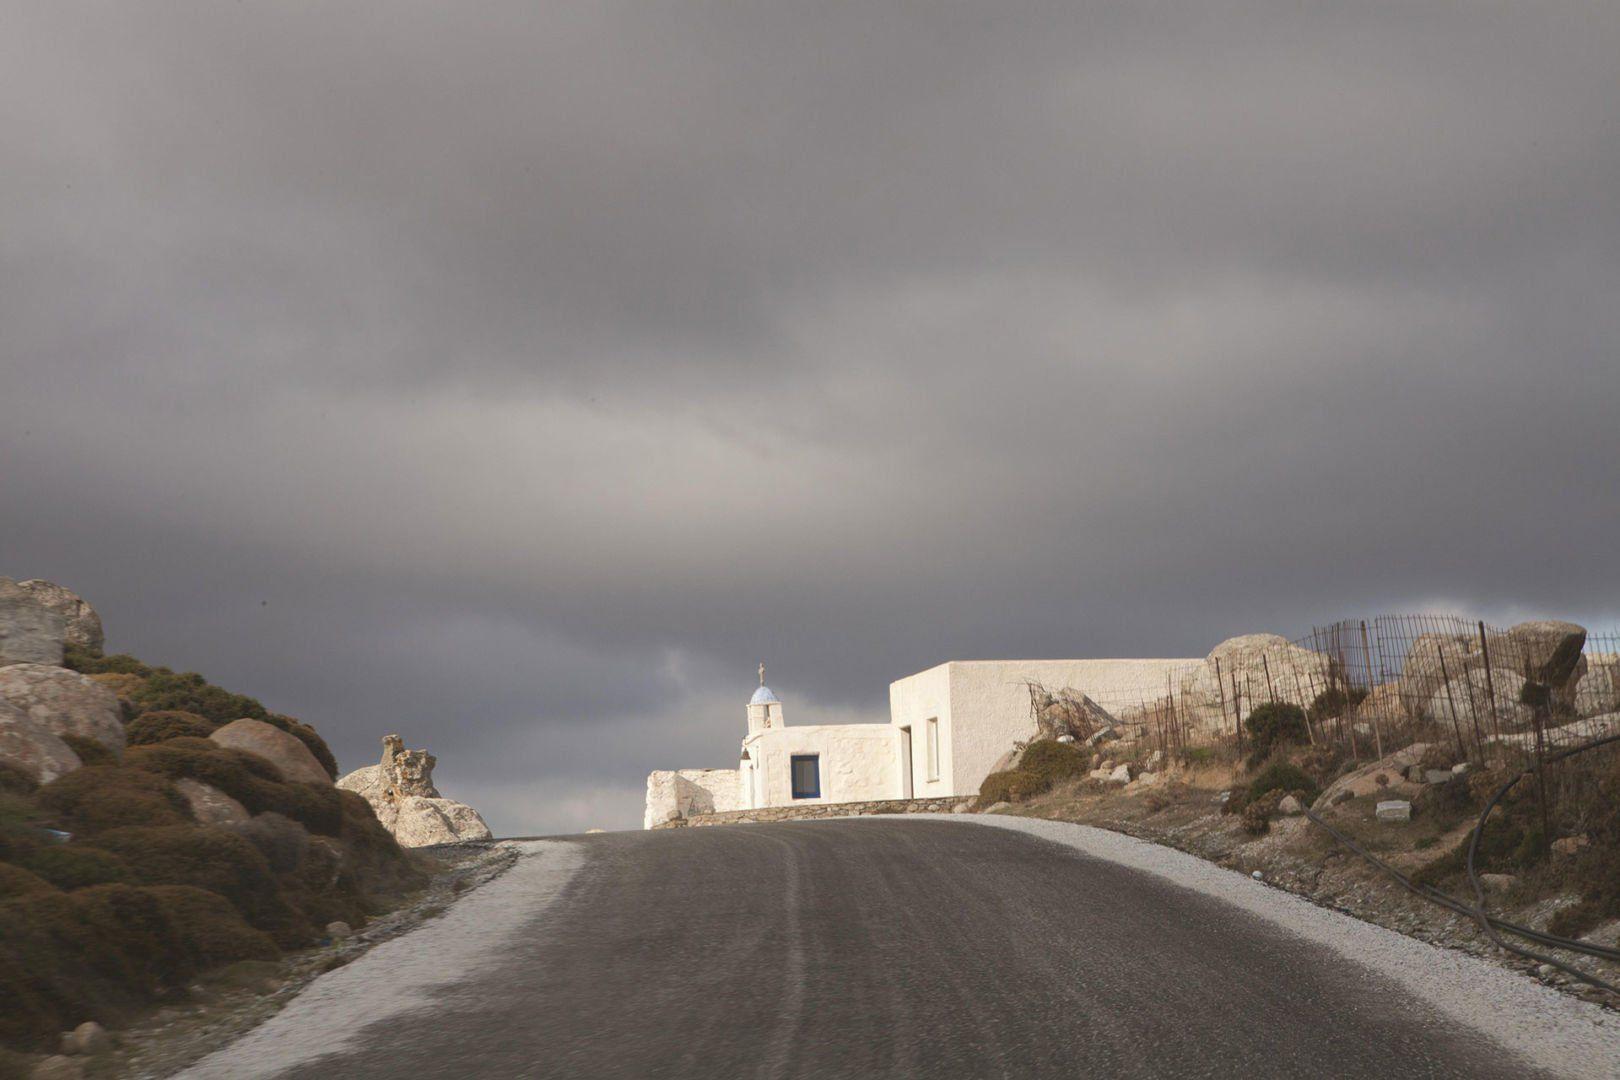 Μάρα Δεσύπρη